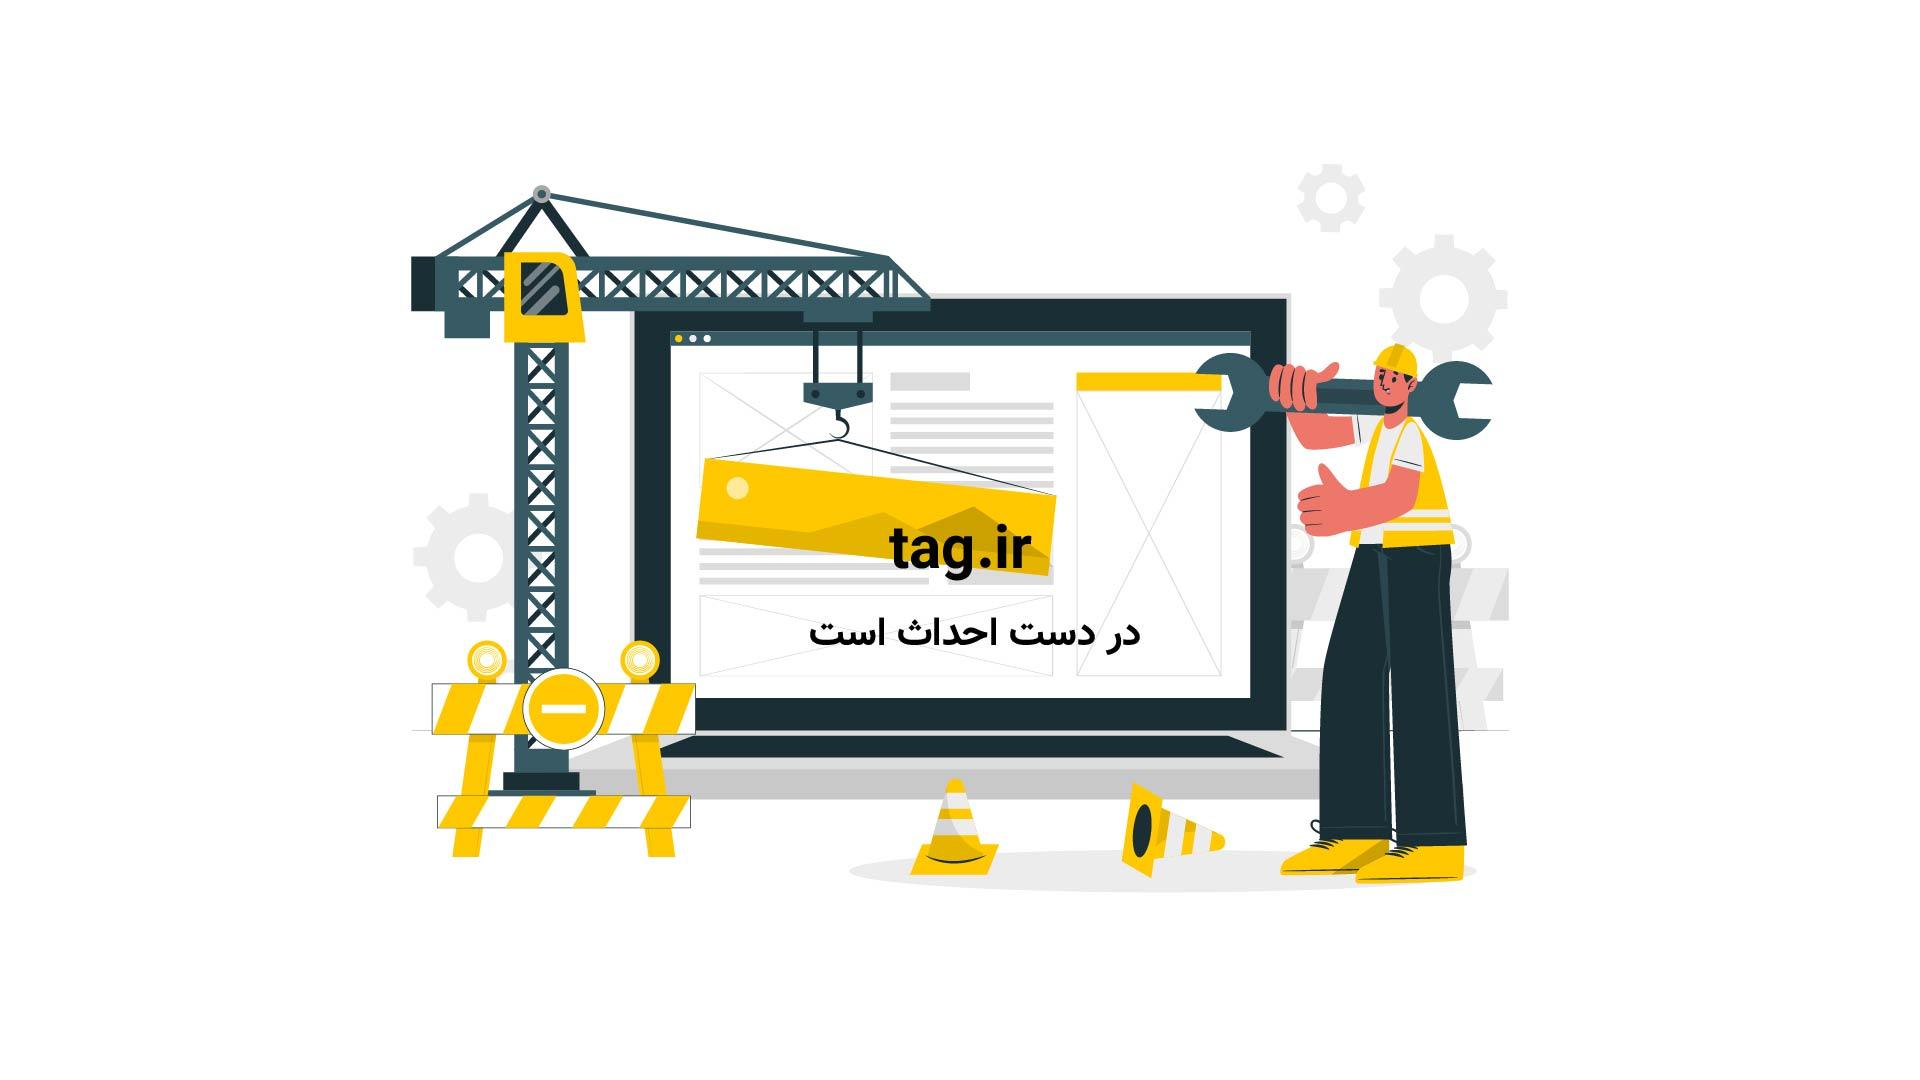 ساخت سریع پول با کاغذ | تگ